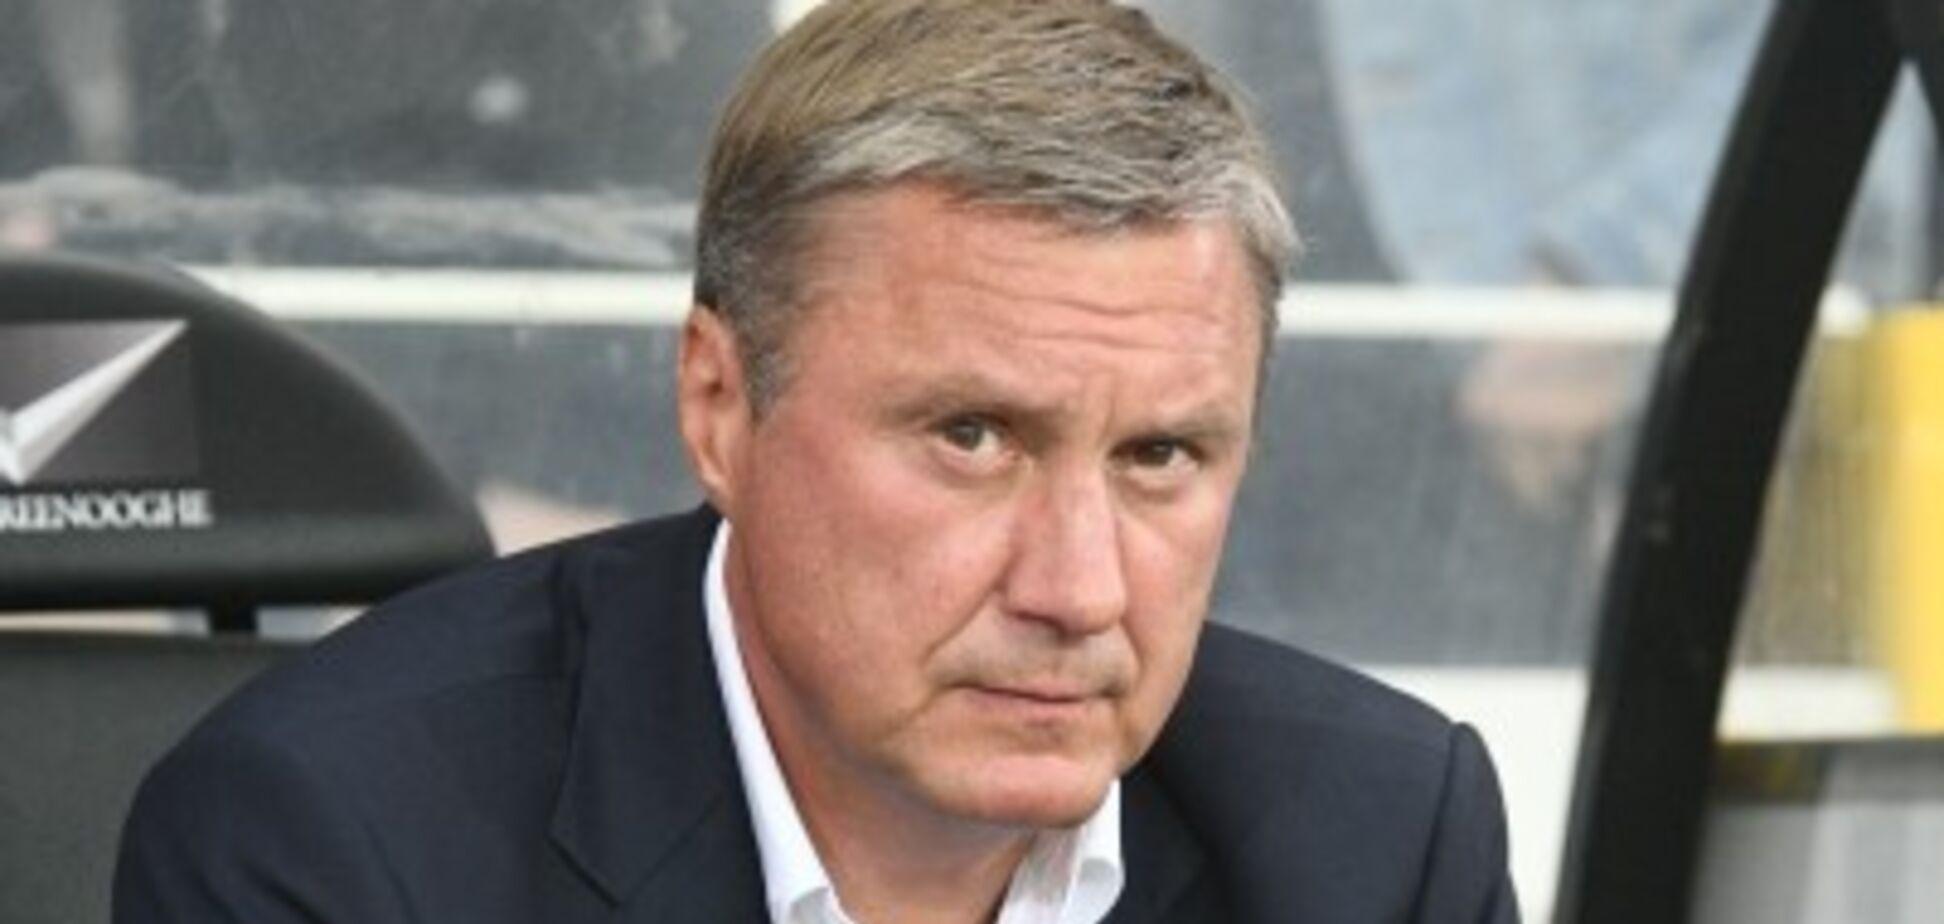 'Було класно': Хацкевич прокоментував поразку 'Динамо' від 'Брюгге'